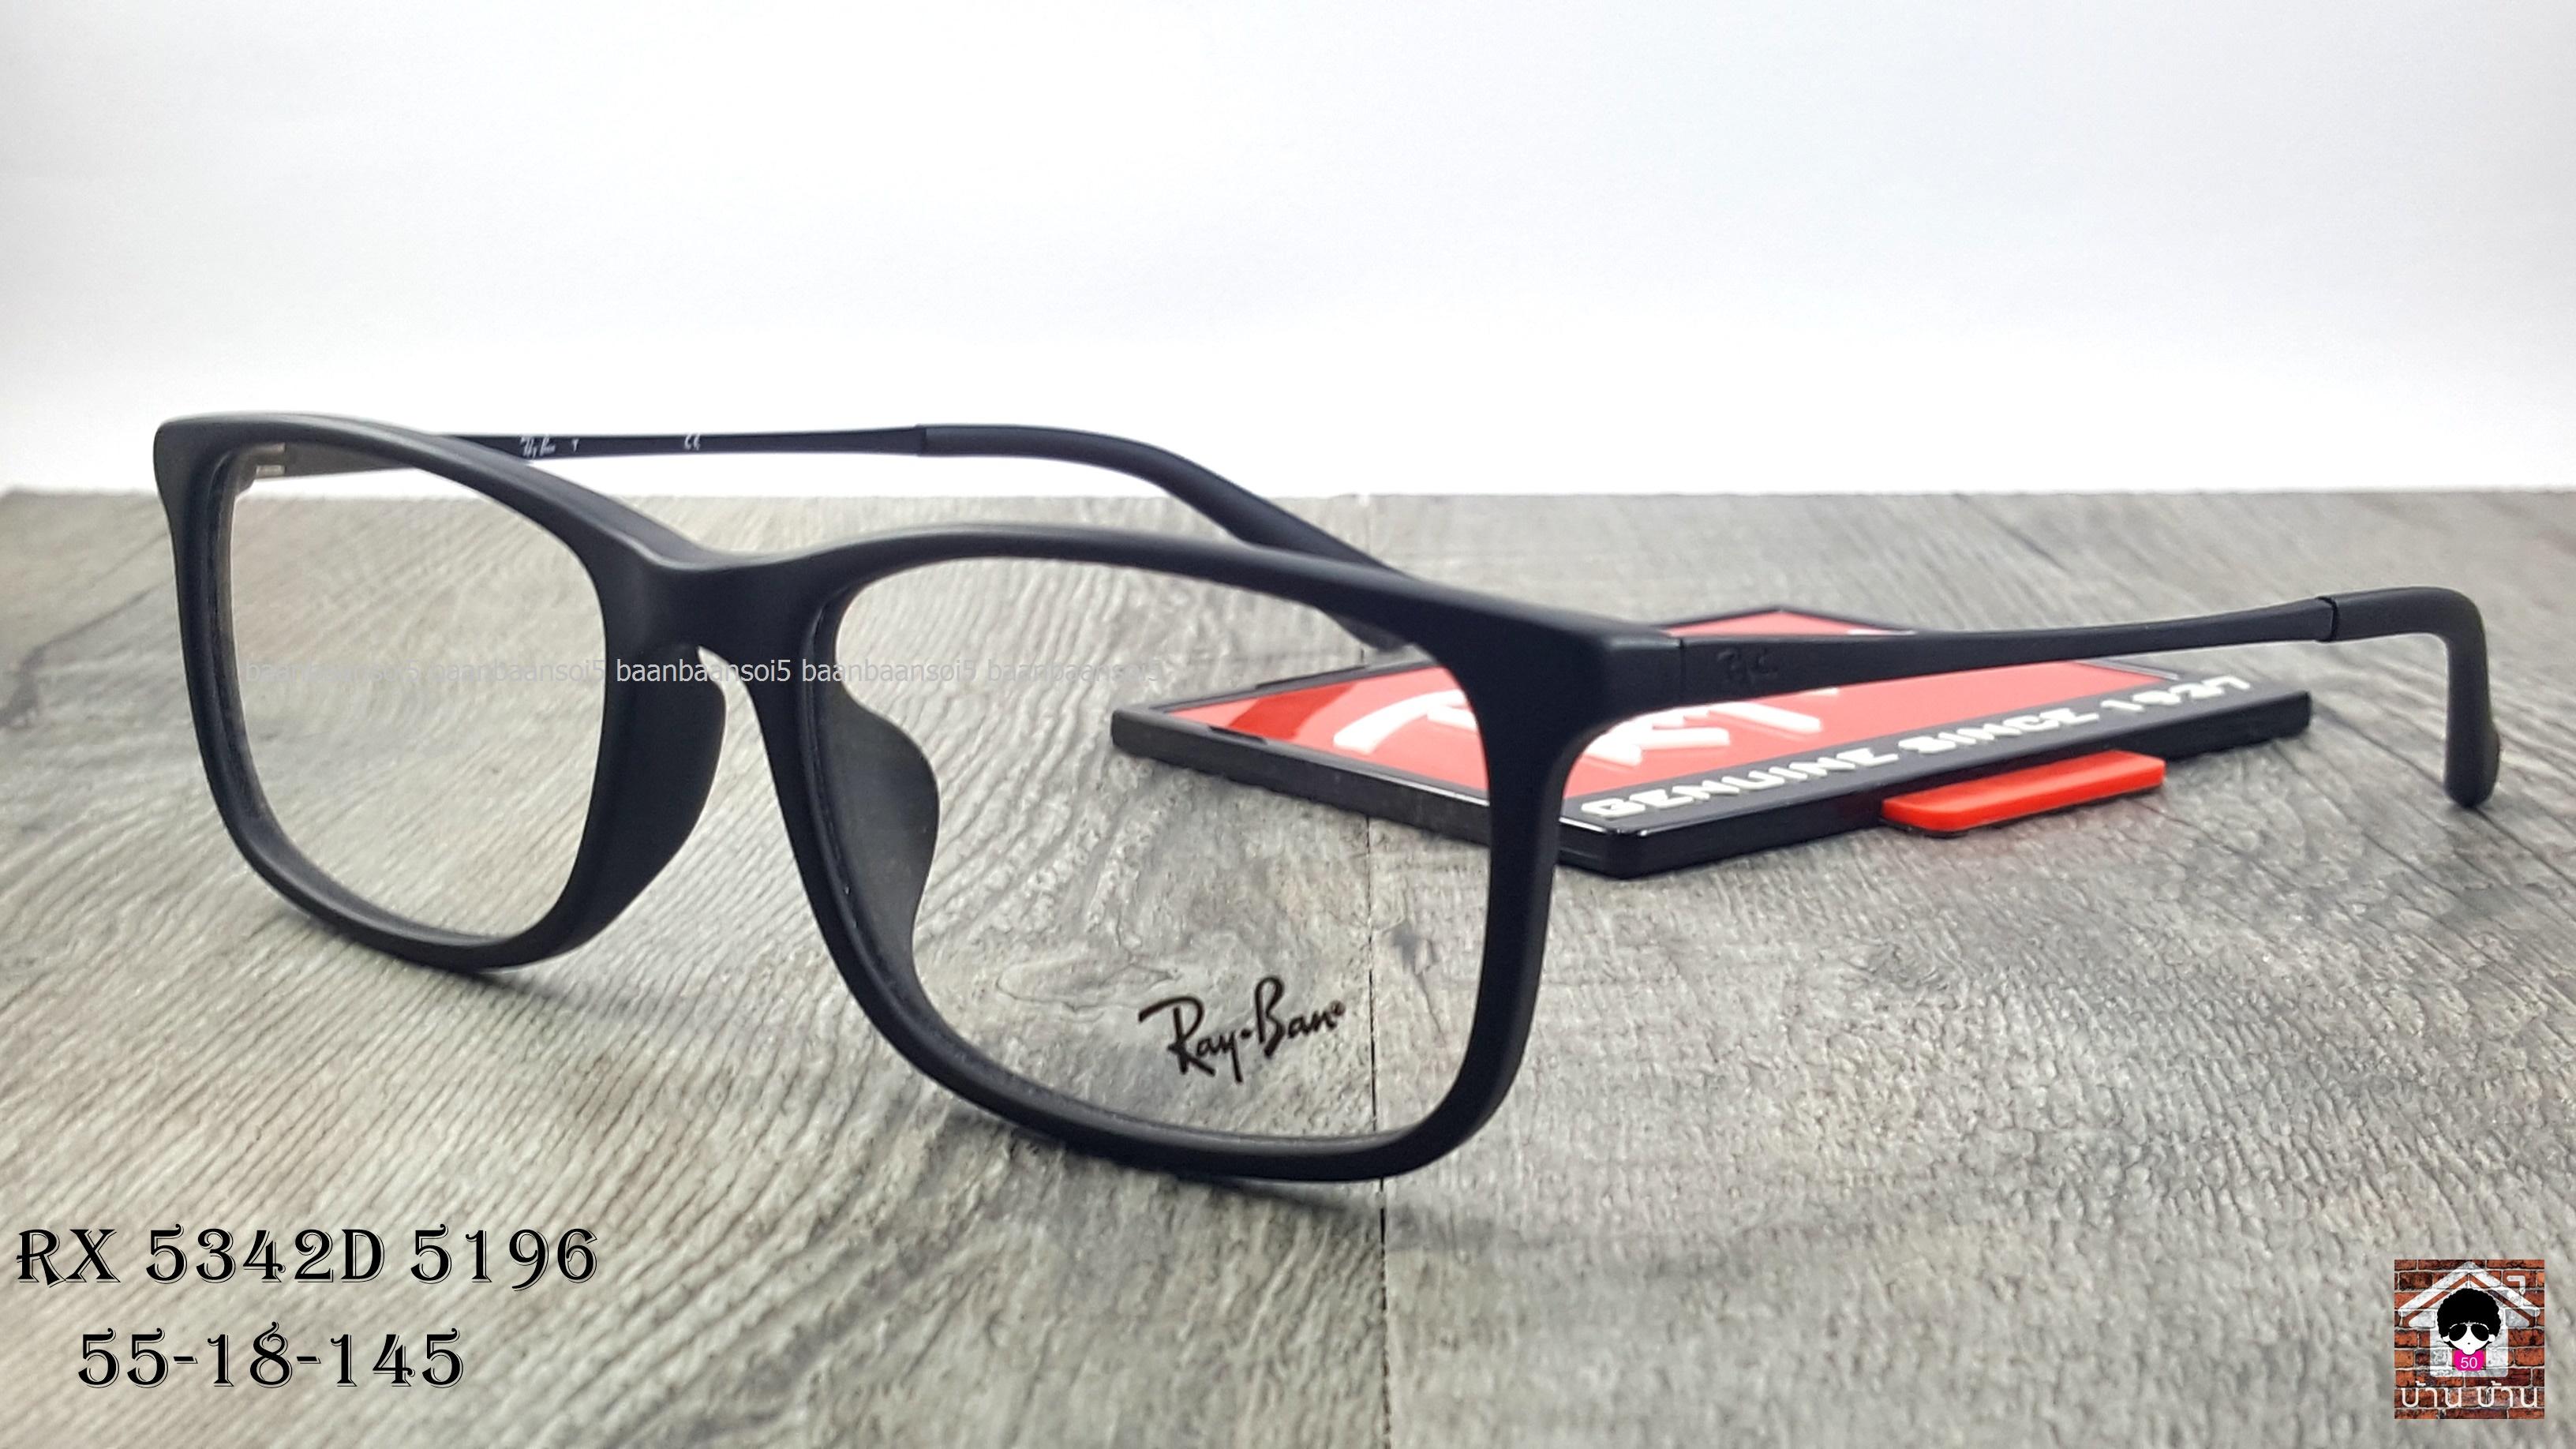 Rayban RX 5342D 5196 โปรโมชั่น กรอบแว่นตาพร้อมเลนส์ HOYA ราคา 3,500 บาท